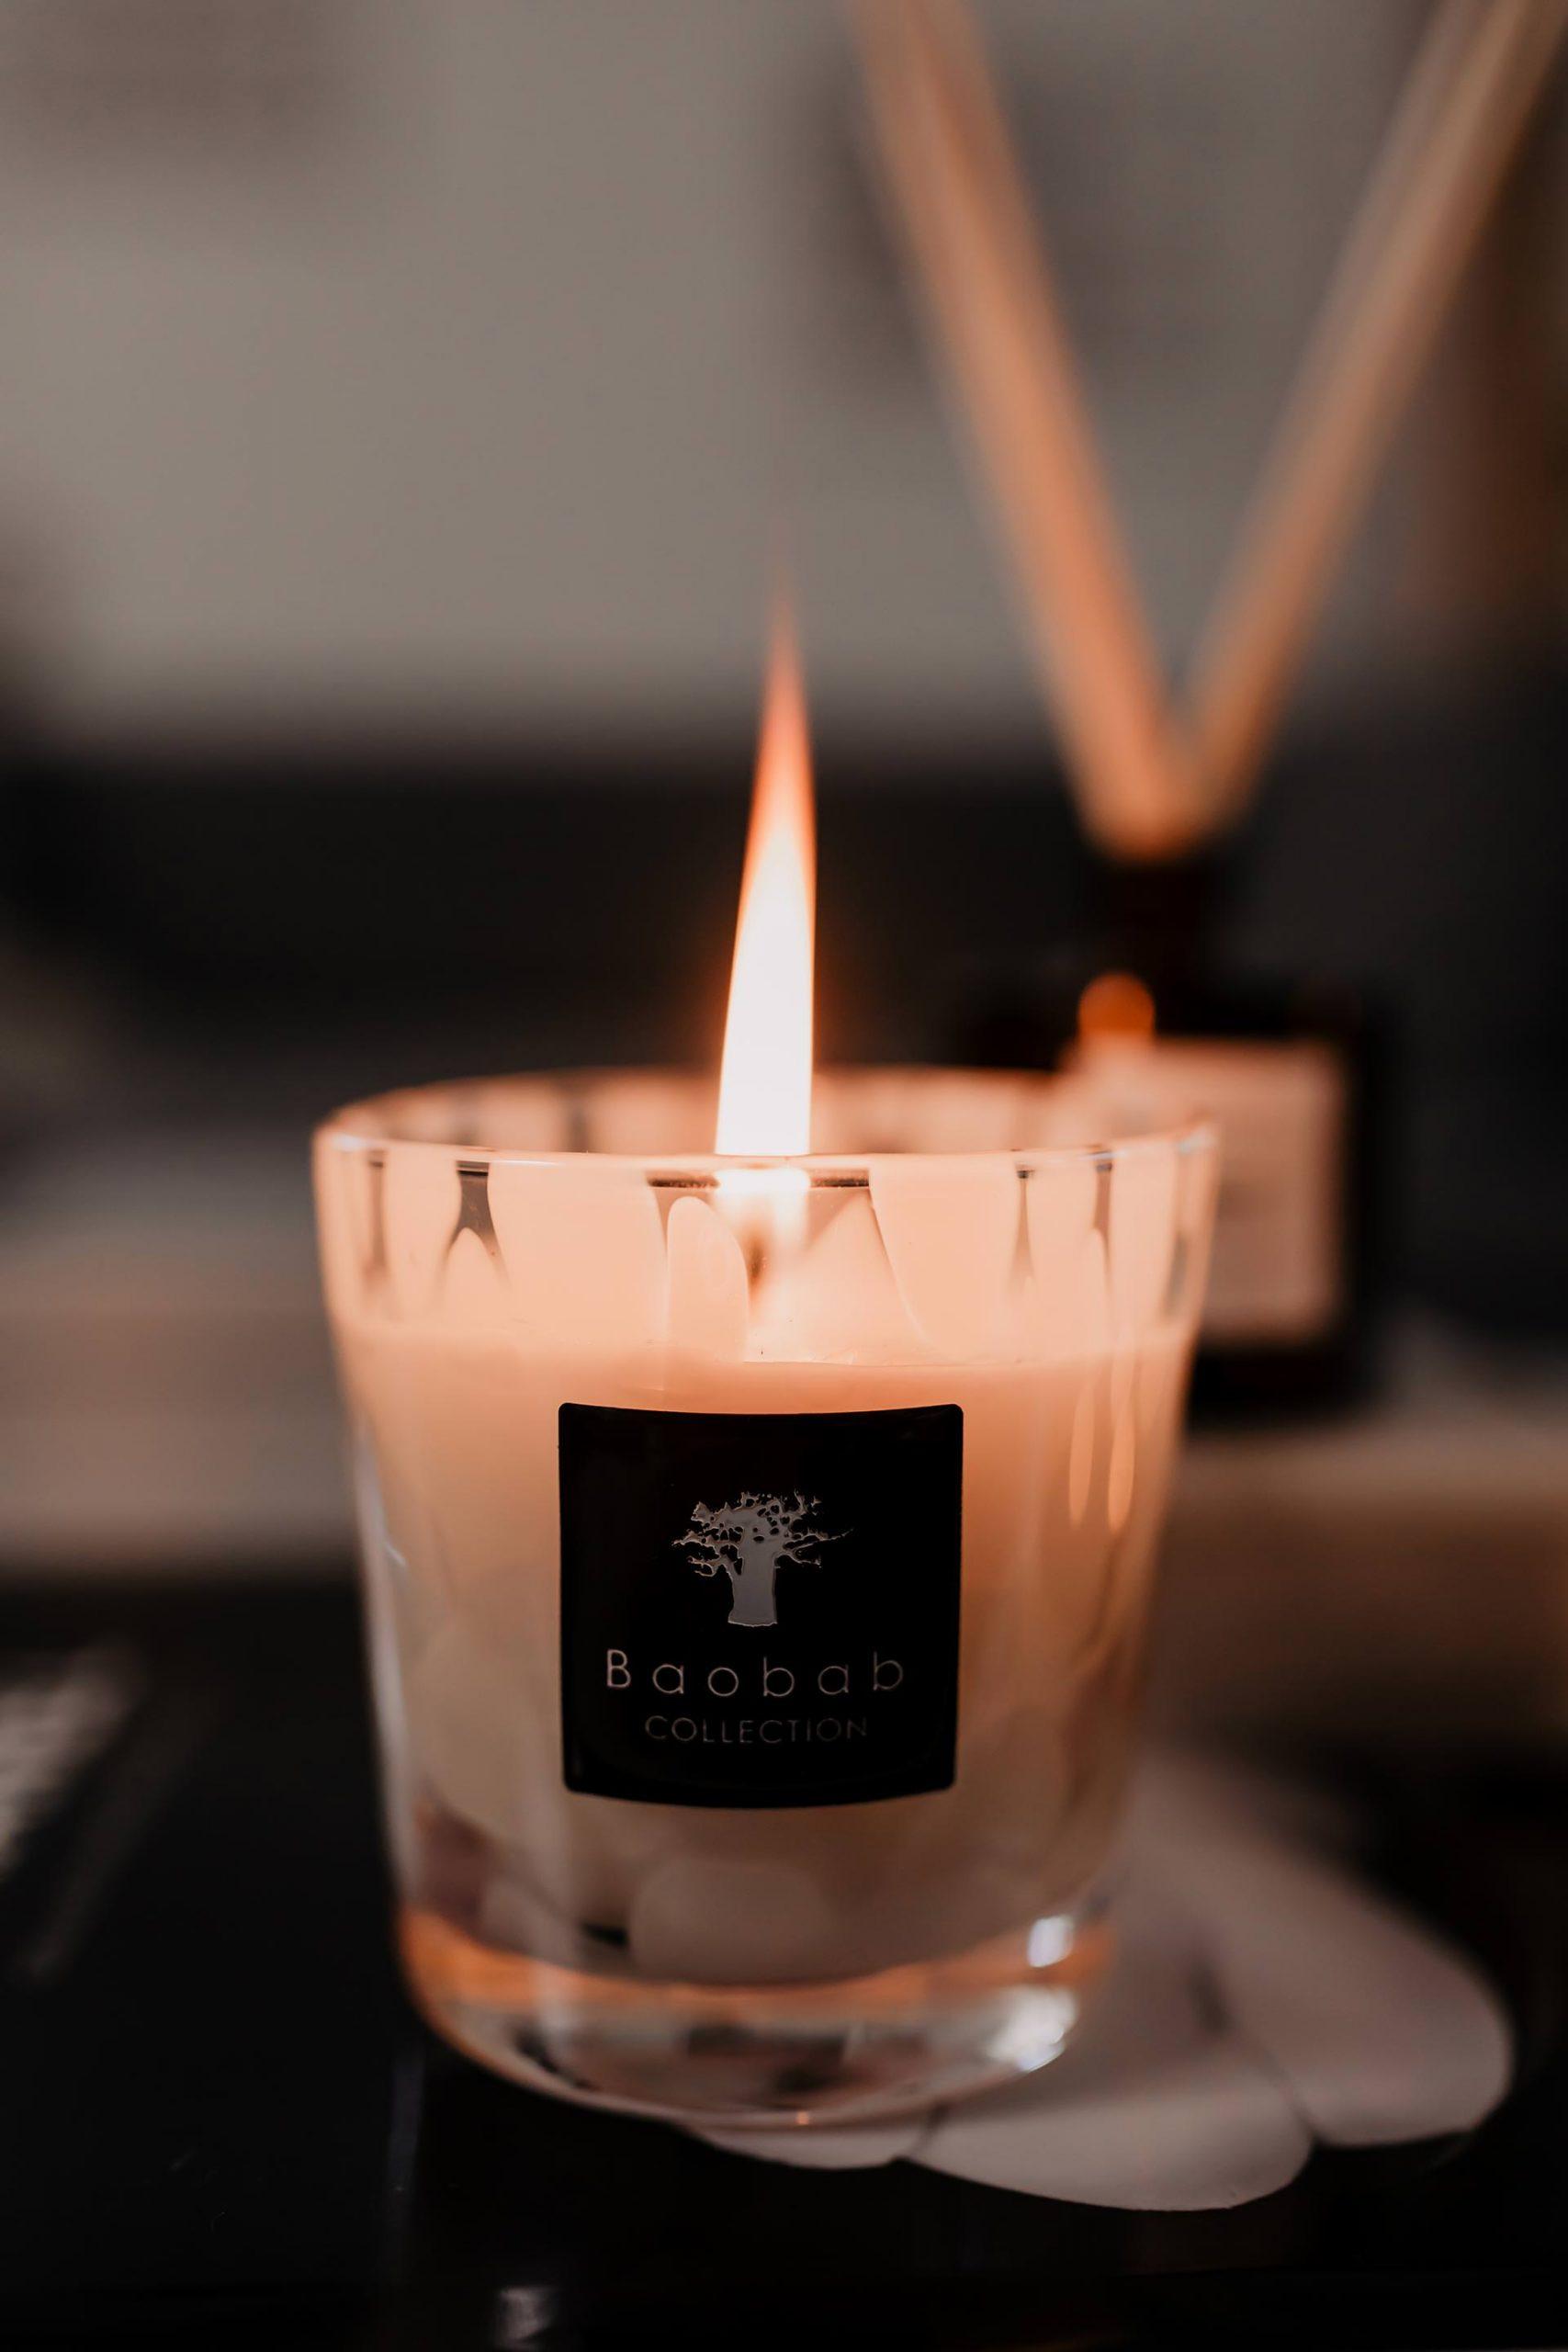 Produktplatzierung. Um sich in den kalten und dunkleren Monaten wohlzufühlen, braucht es unbedingt die passende Wohlfühlatmosphäre für daheim! Besonders Kerzen und Raumdüfte spielen eine große Rolle und darum geht es im heutigen Blogbeitrag auf www.whoismocca.com